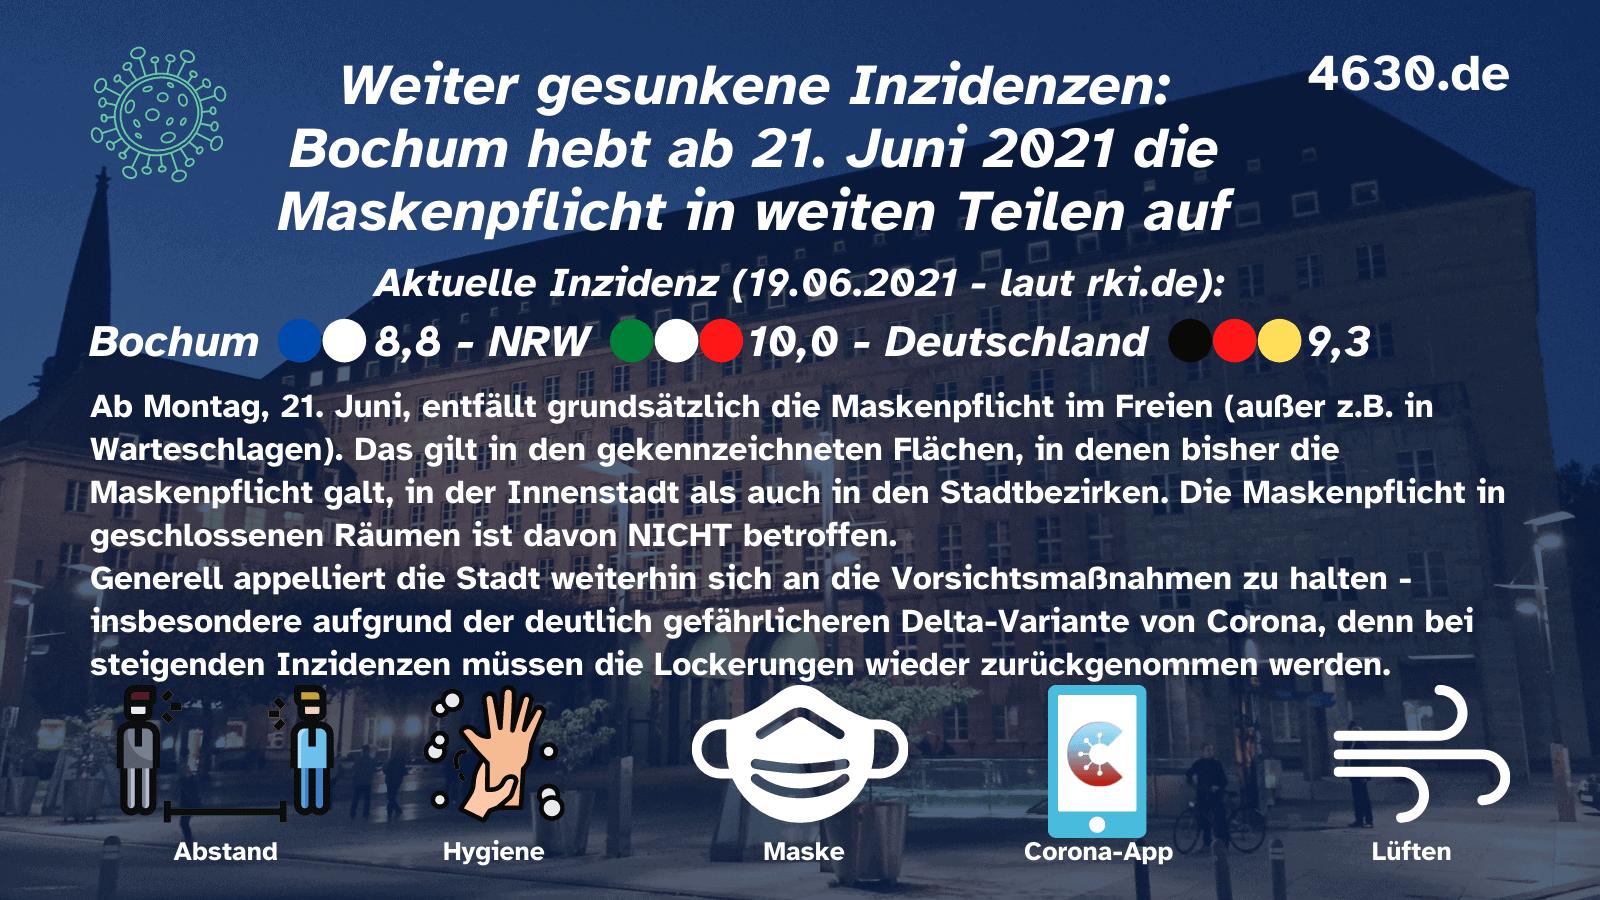 Weiter gesunkene Inzidenzen: Bochum hebt ab 21. Juni 2021 die Maskenpflicht in weiten Teilen auf